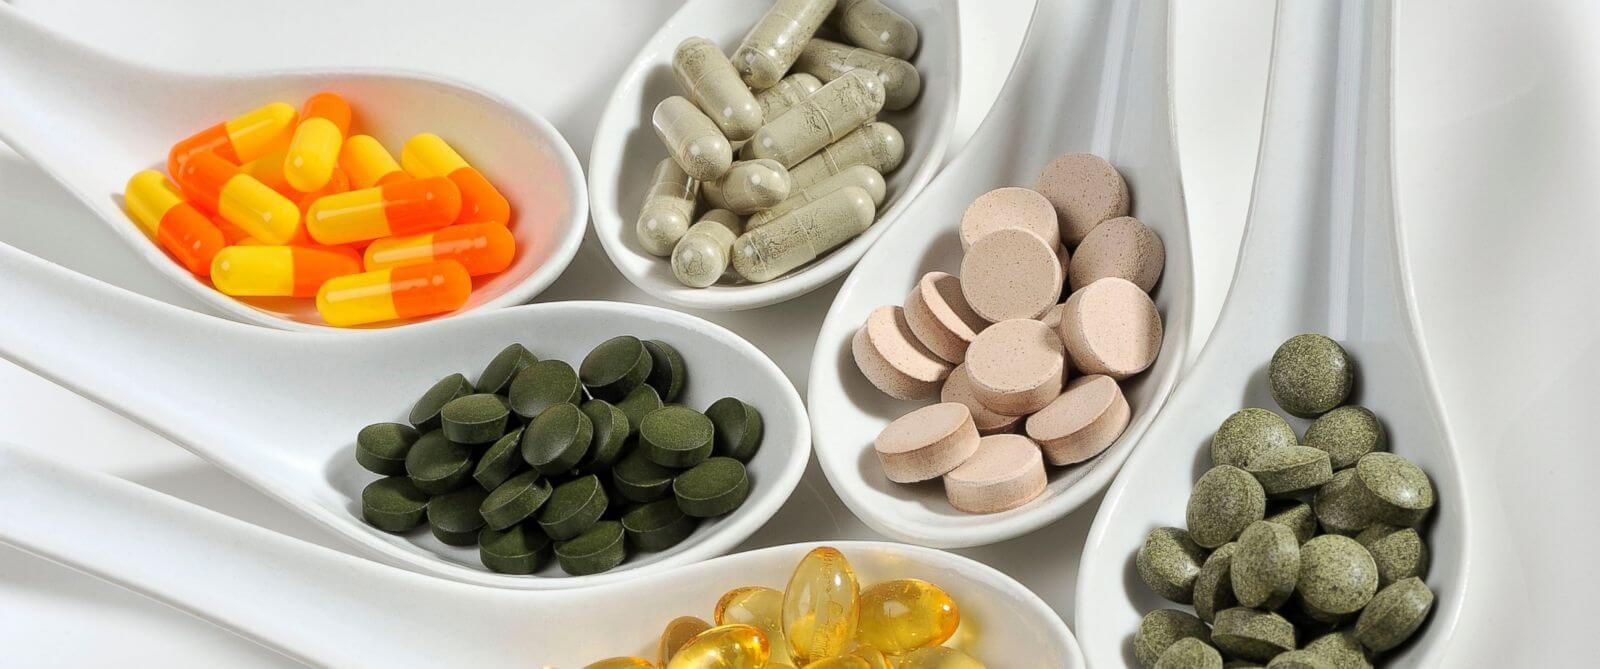 Các loại thực phẩm chức năng sẽ hỗ trợ rất tốt trong việc tiêu viêm